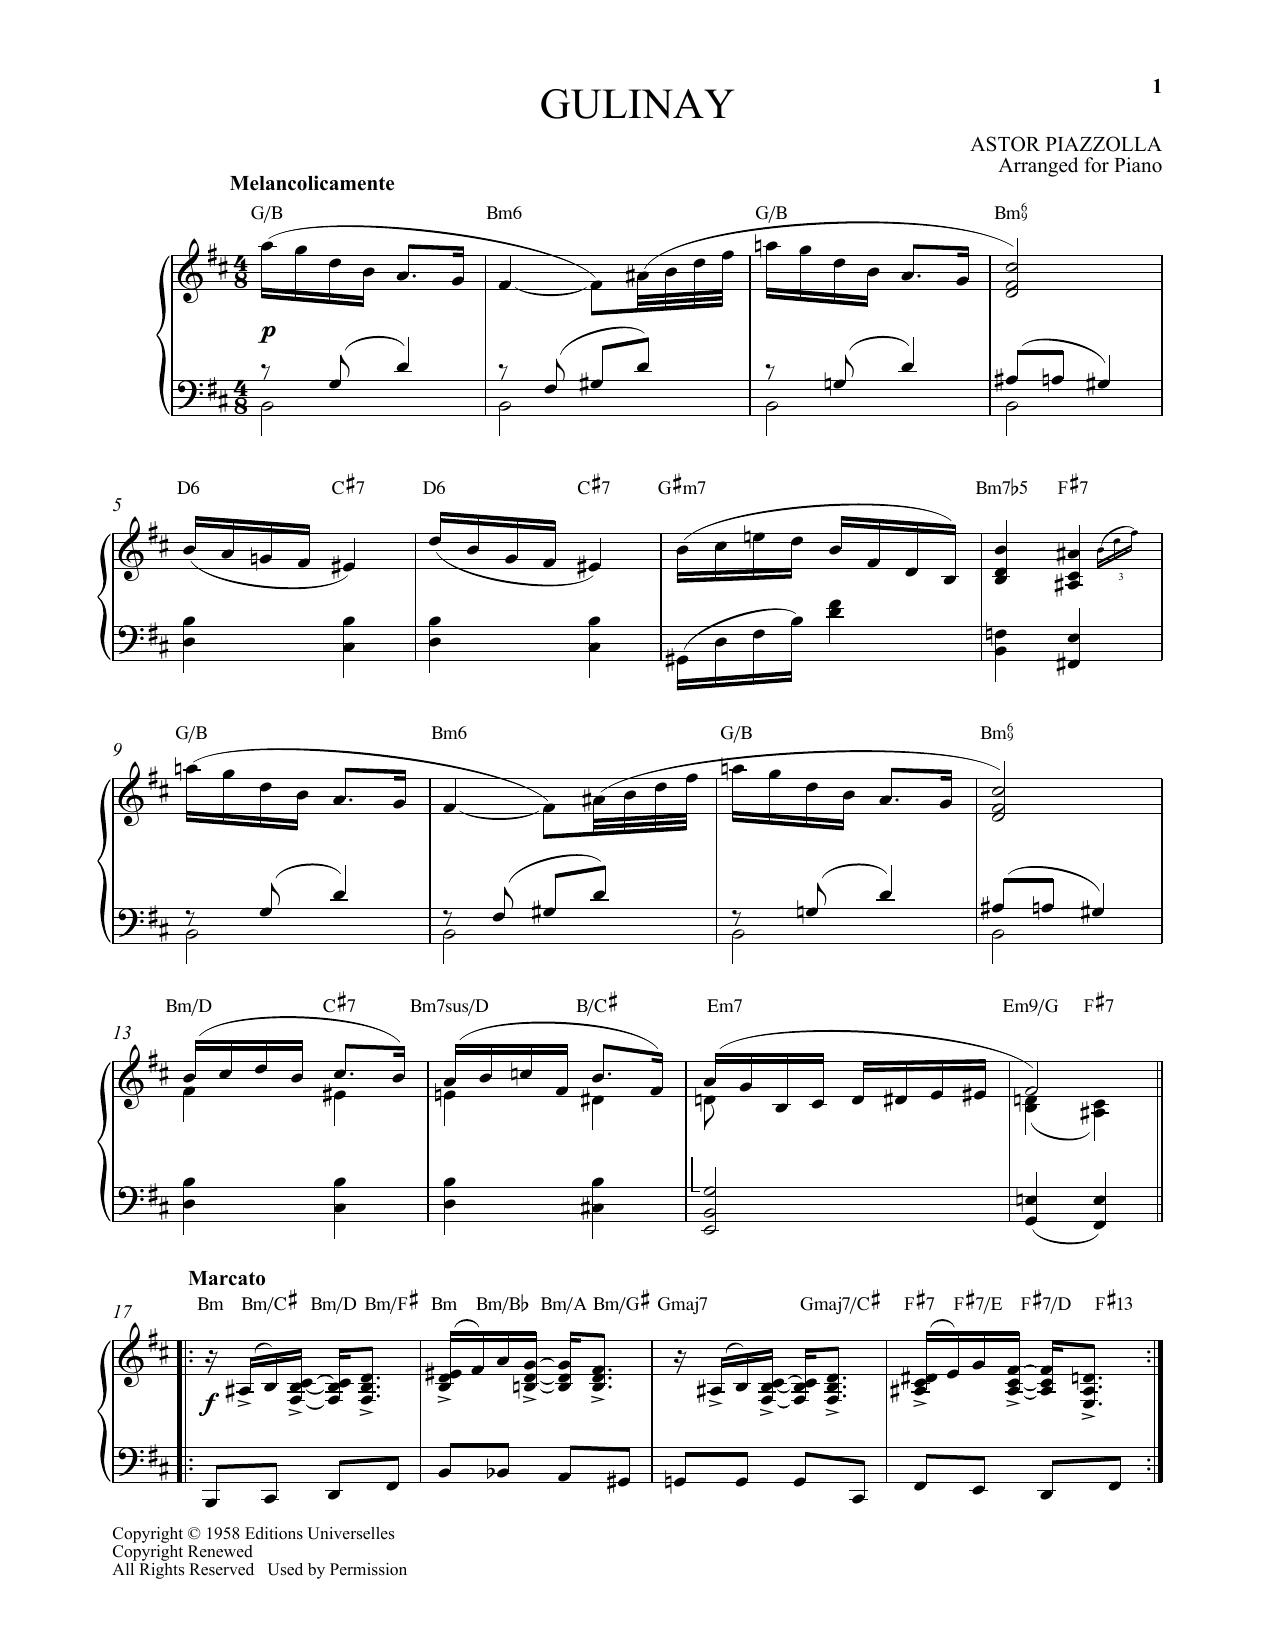 Gulinay Sheet Music